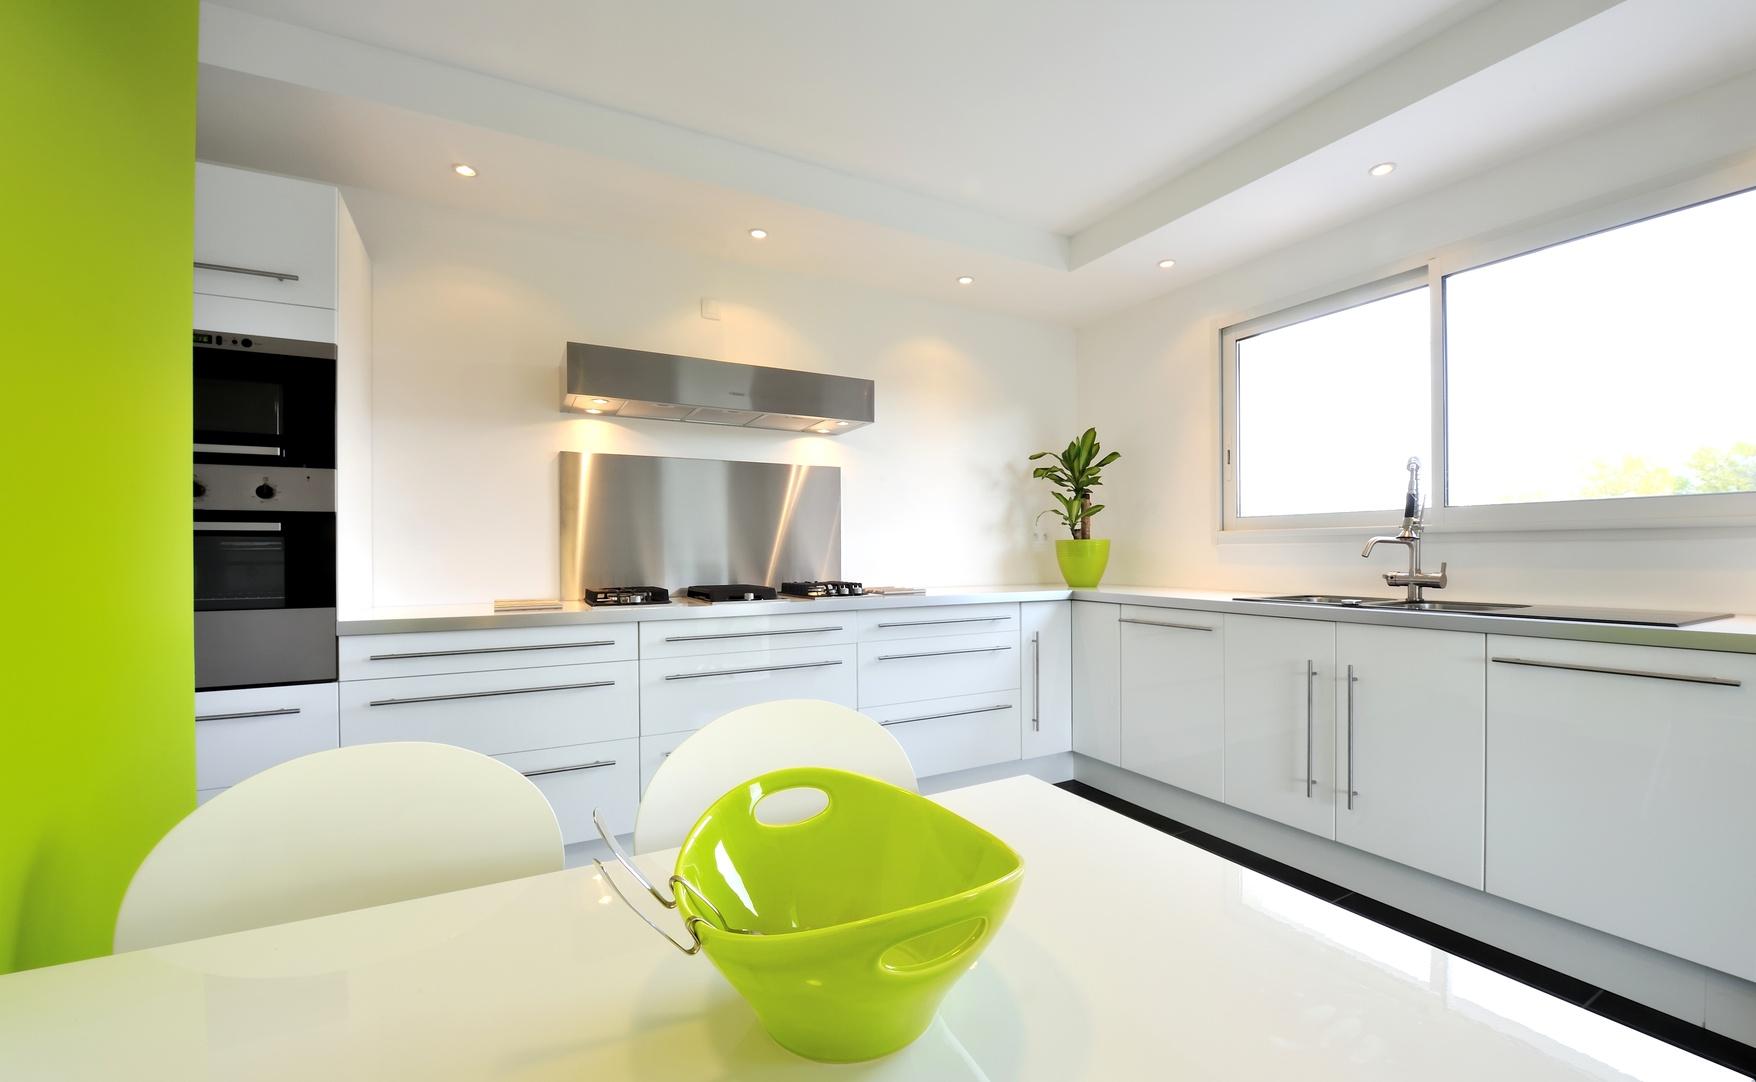 norme lectrique cuisine tout ce qu 39 il faut savoir. Black Bedroom Furniture Sets. Home Design Ideas